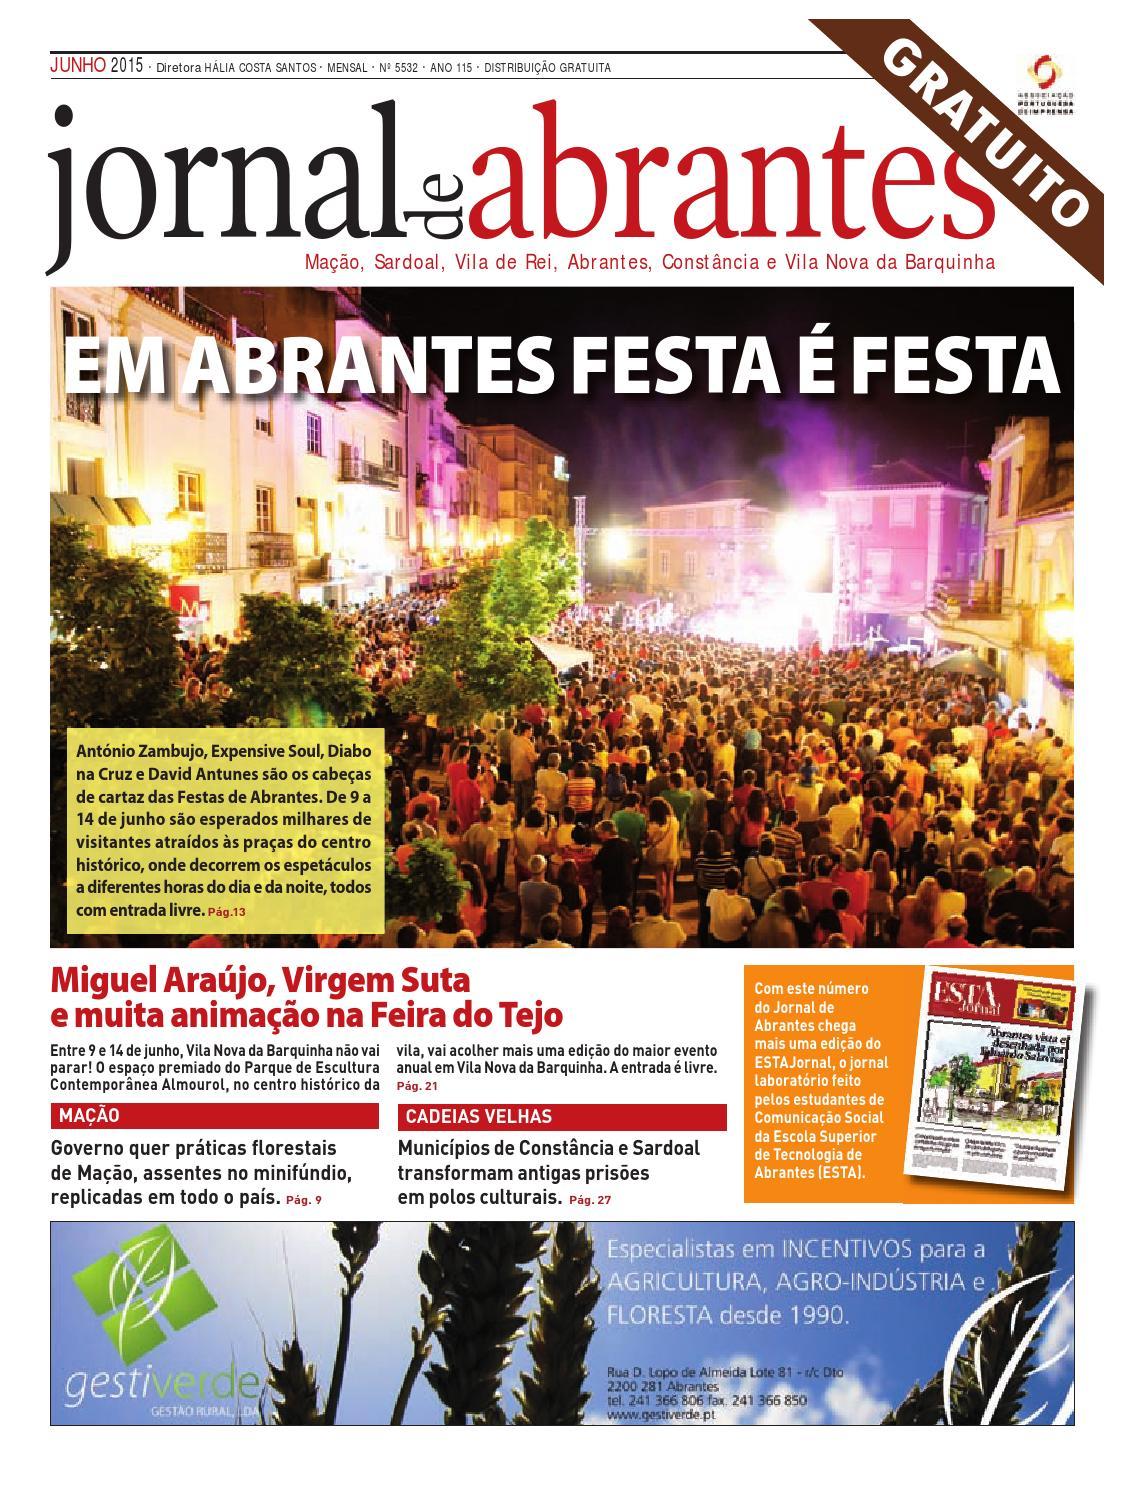 Jornal de Abrantes - Edição Junho 2015 by Miguel Ramos - issuu 3708023f47f3